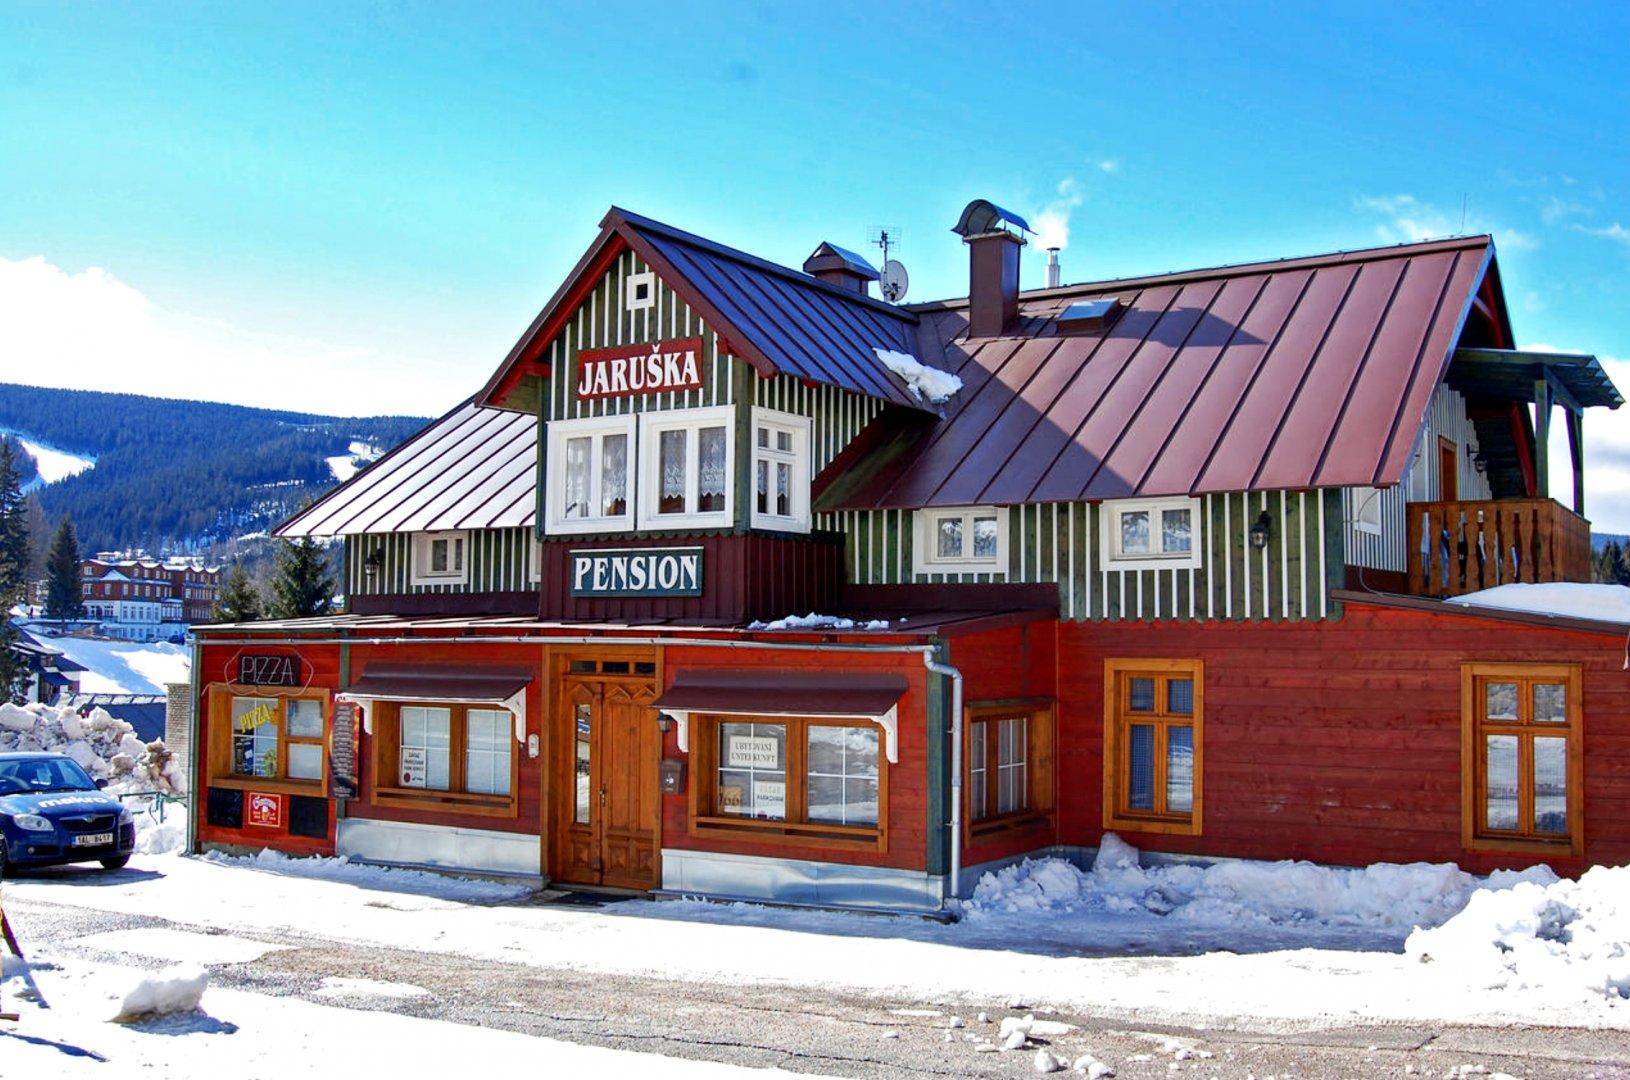 Pension Jaruška